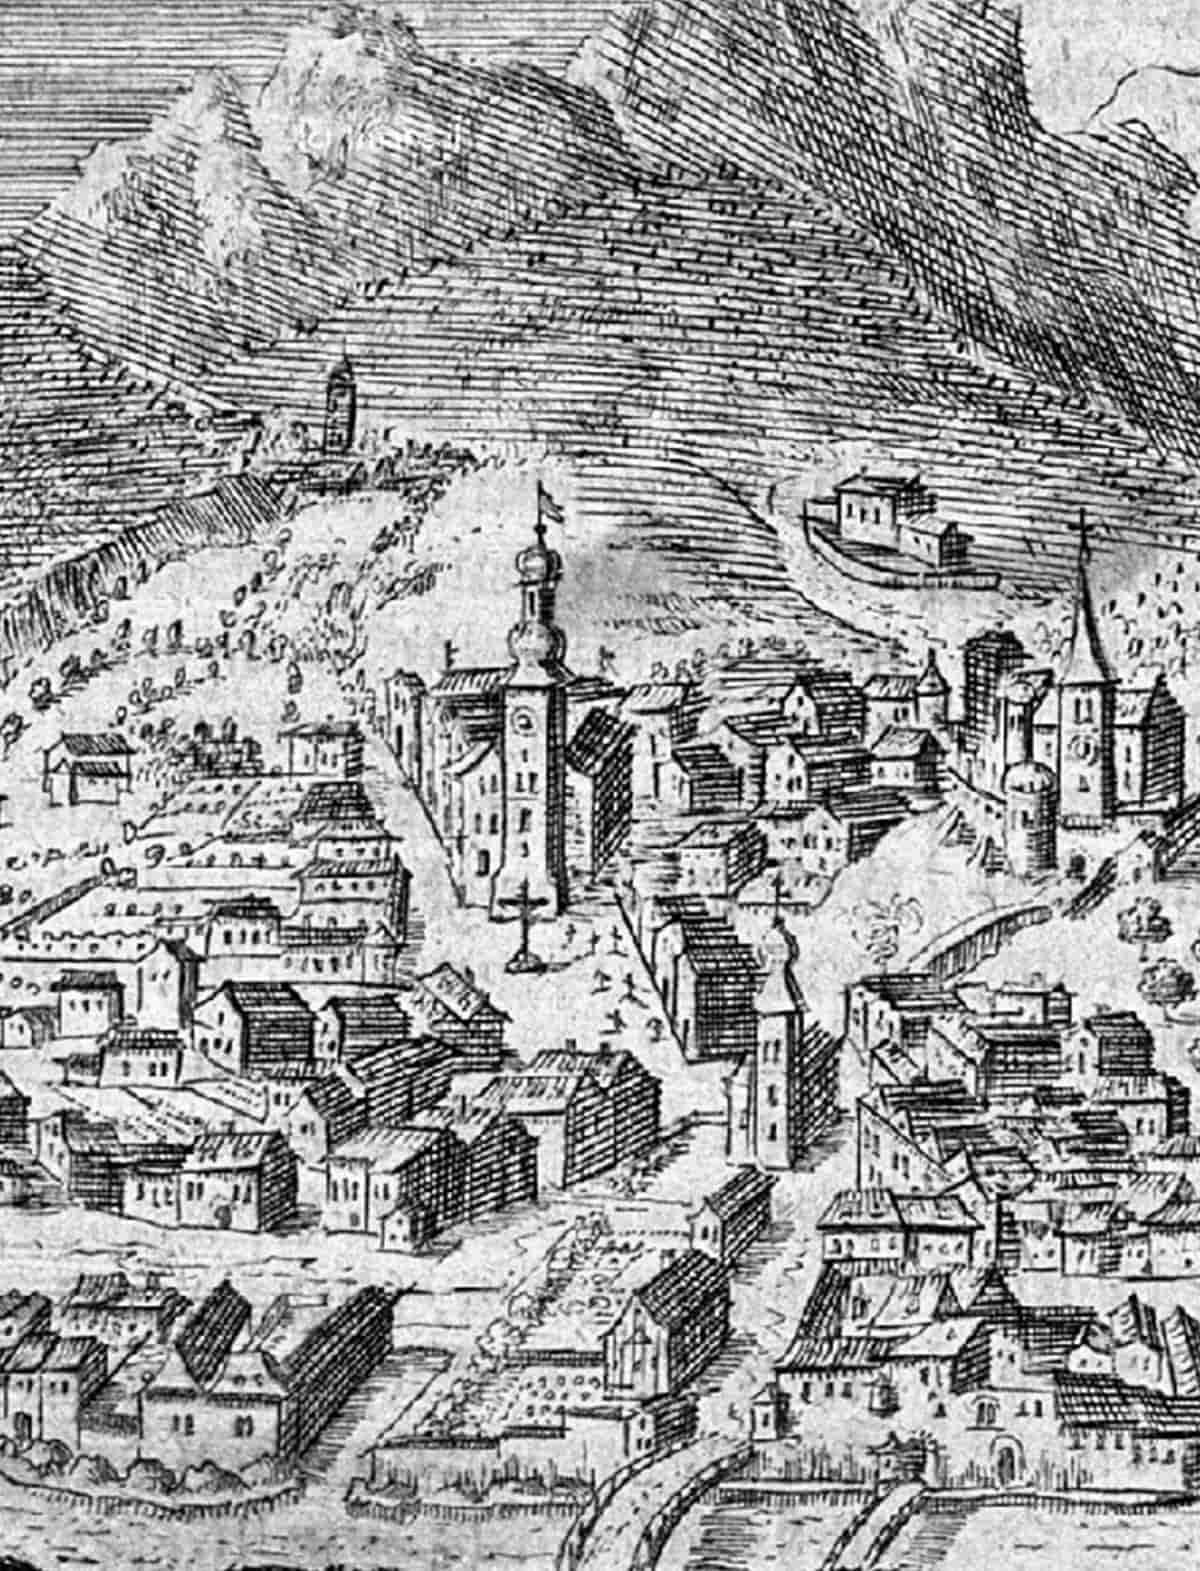 Stadtbild in schwarz-weiß gezeichnet